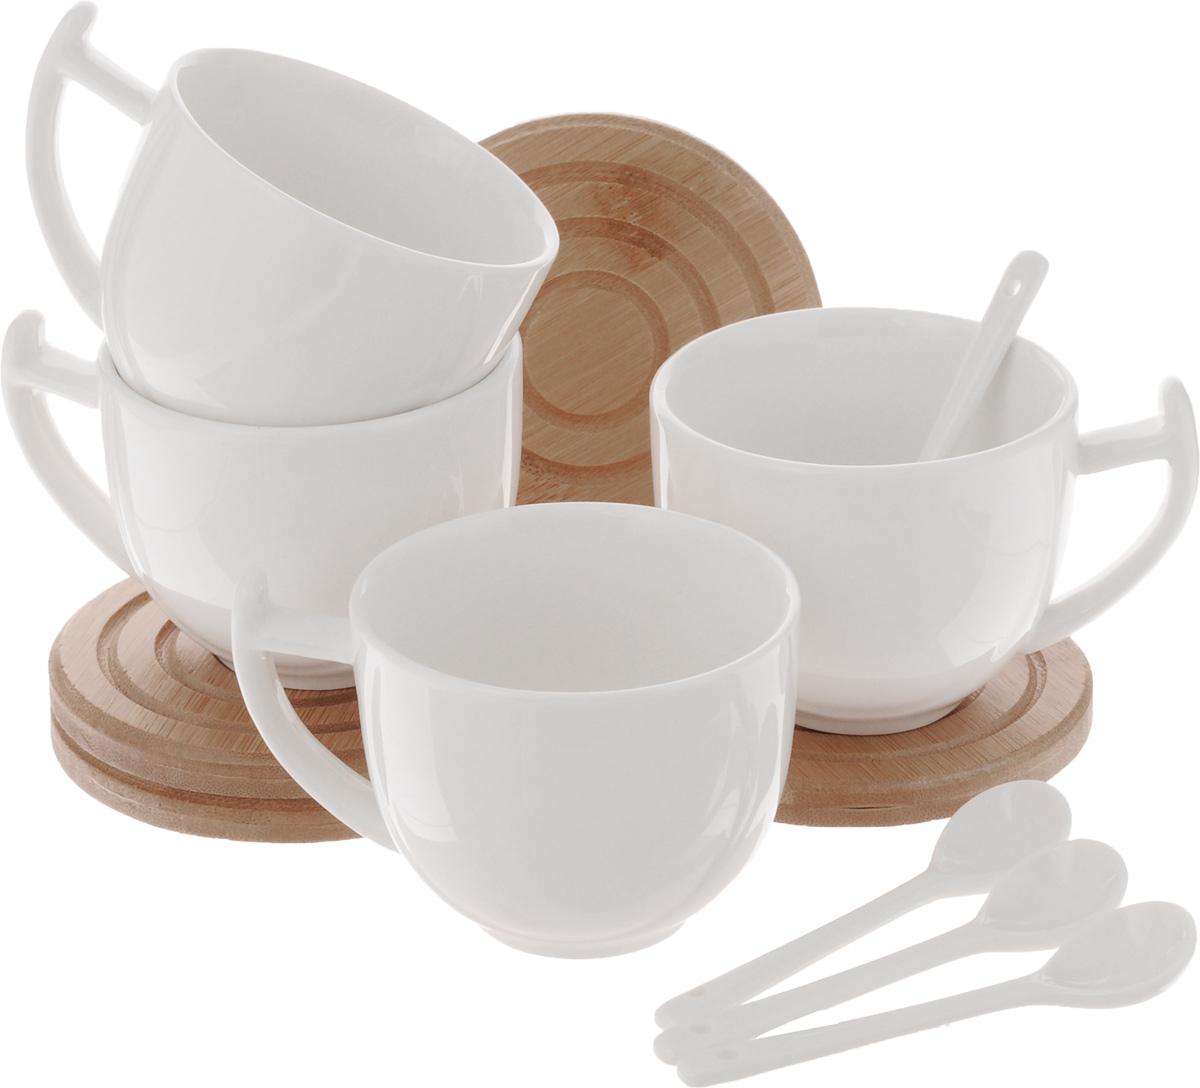 Набор чайный EcoWoo, 12 предметов2012244UНабор чайный EcoWoo - это не только идеальный подарок, но и прекрасный повод побаловать себя! Набор состоит из 4 фарфоровых чашек, 4 бамбуковых подставок и 4 ложек.Такой набор станет идеальным решением для ценителей экологичных деталей в интерьере и поклонников здорового образа жизни.Не использовать в посудомоечной машине.Объем кружки: 300 мл.Диаметр кружки (по верхнему краю): 8 см.Высота кружки: 6,5 см.Диаметр подставки: 10 см.Длина ложки: 10,5 см.